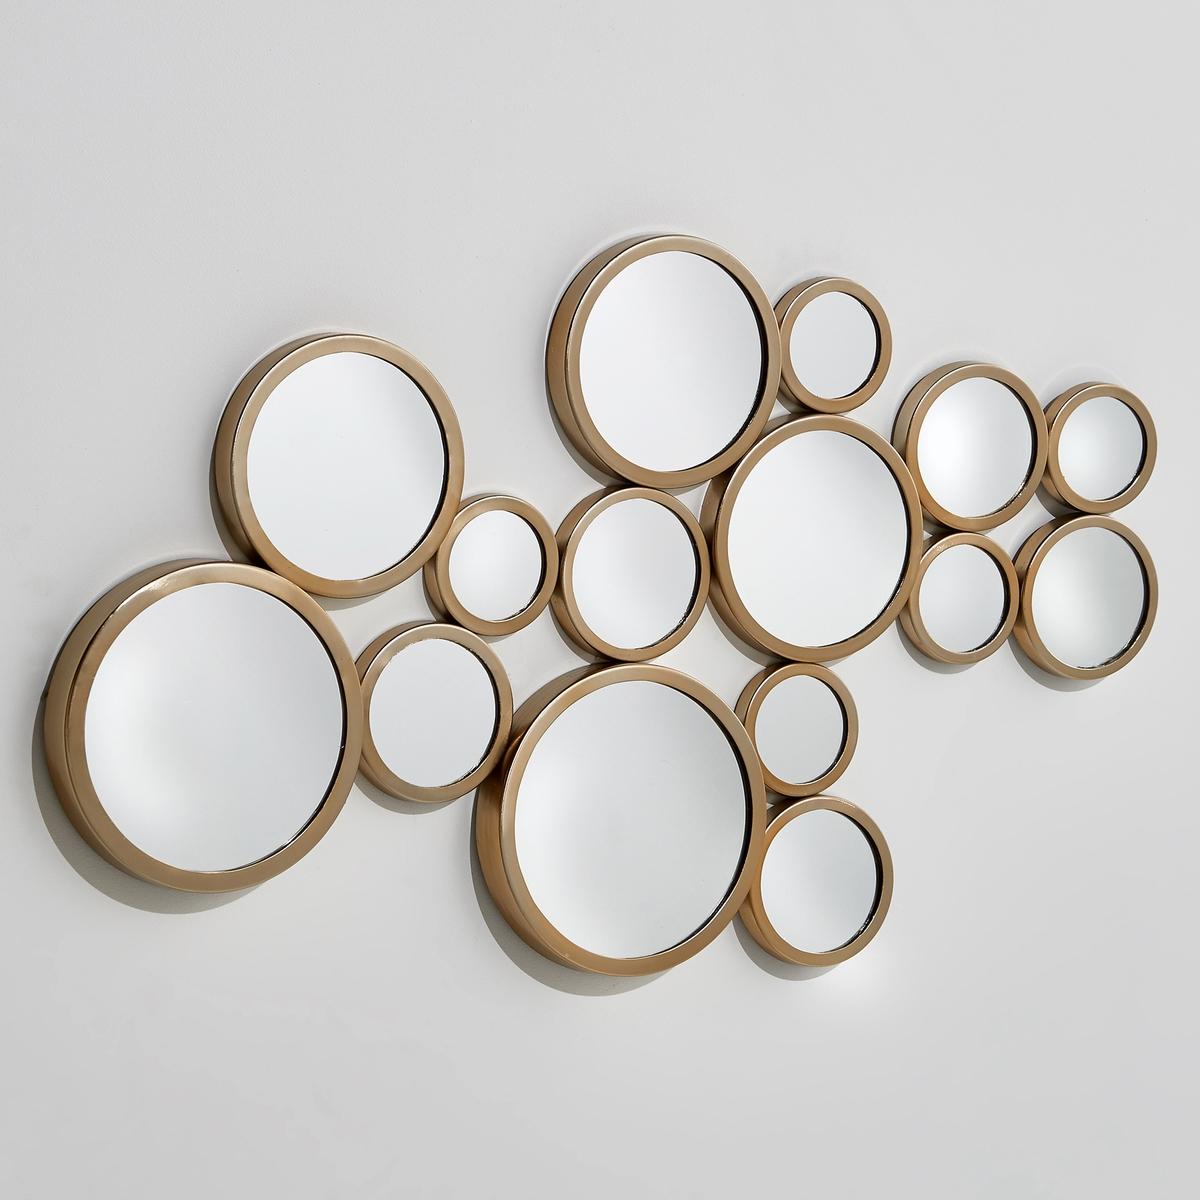 Зеркало, Ш.84 x В.50 см, KanconaНастенное зеркало Kancona состоит из 4 спаянных зеркал, объединенных одной металлической оправой. Это зеркало придаст Вашим стенам очень графичный стиль 50-х годов.   Кронштейны для крепления на стену. Размеры  : Ш.84 x В.50 x Г.1,5 см.<br><br>Цвет: латунь